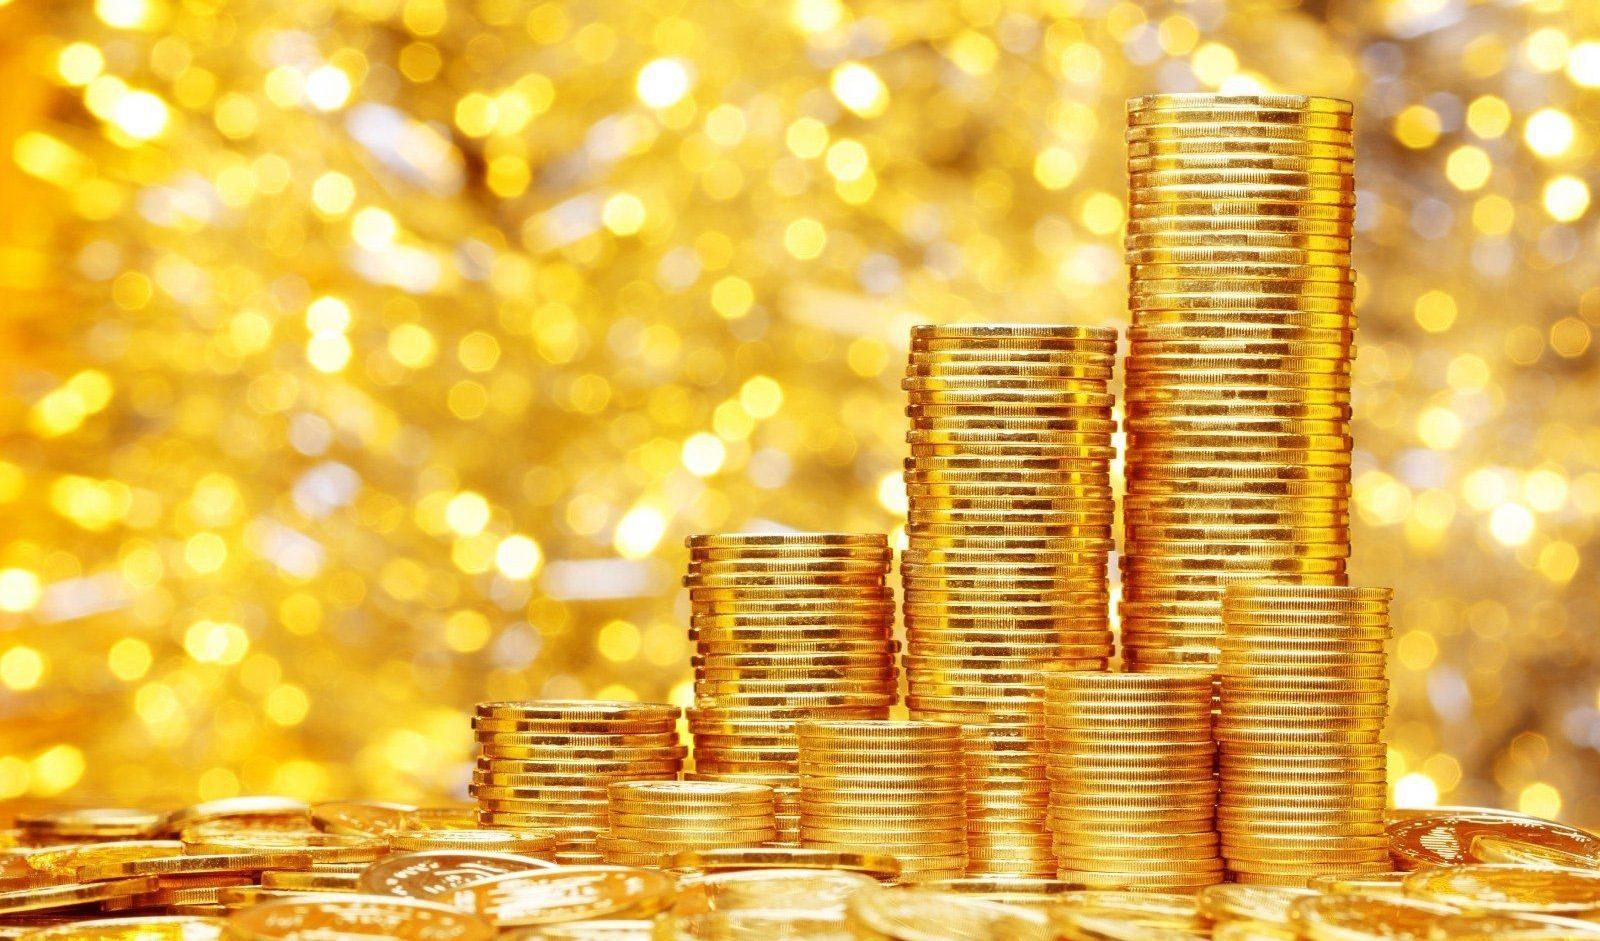 پیشبینی قیمت سکه و طلا در سال ۹۹ / بازدهی سکه در صدر قرار میگیرد